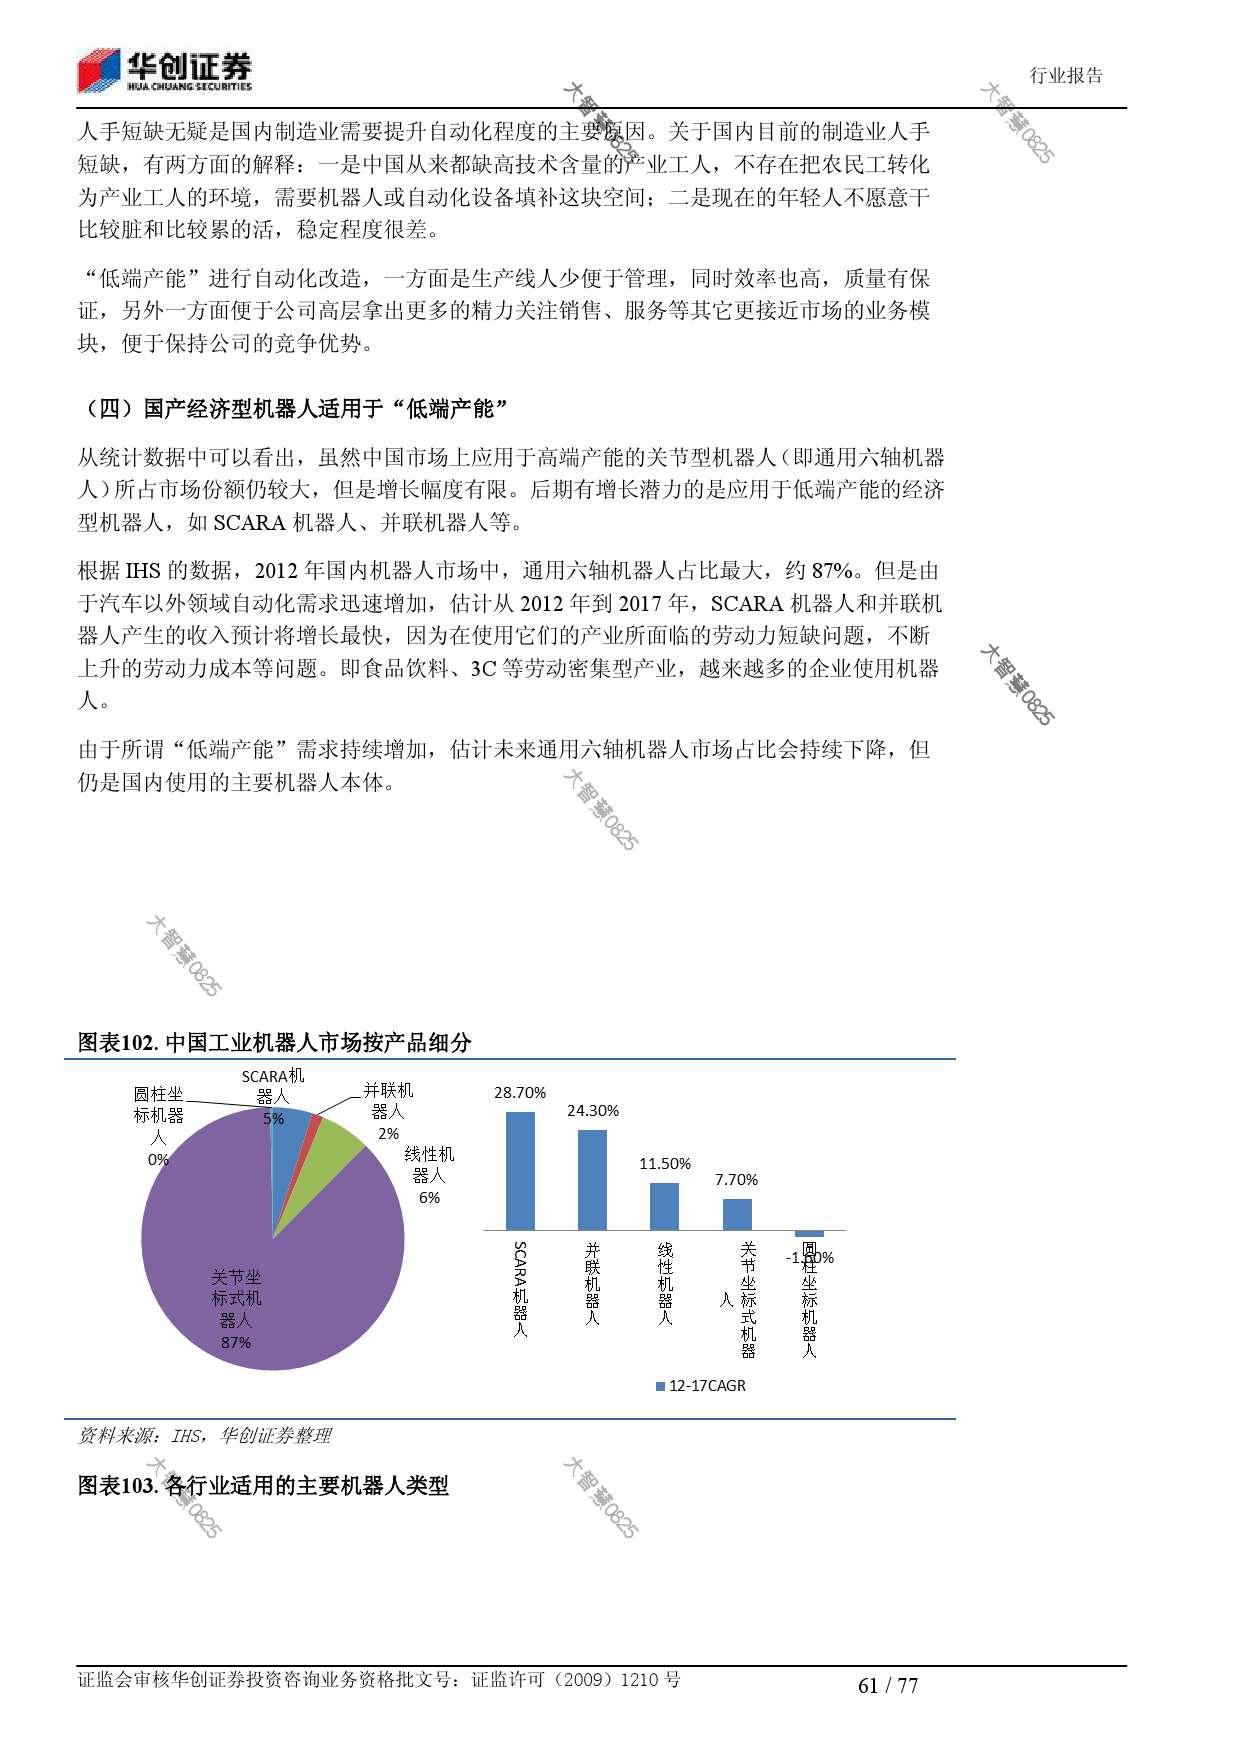 行业研究_华创证券_刘国清,鲁佩_机械设备:机器人大趋势_2014021_000061